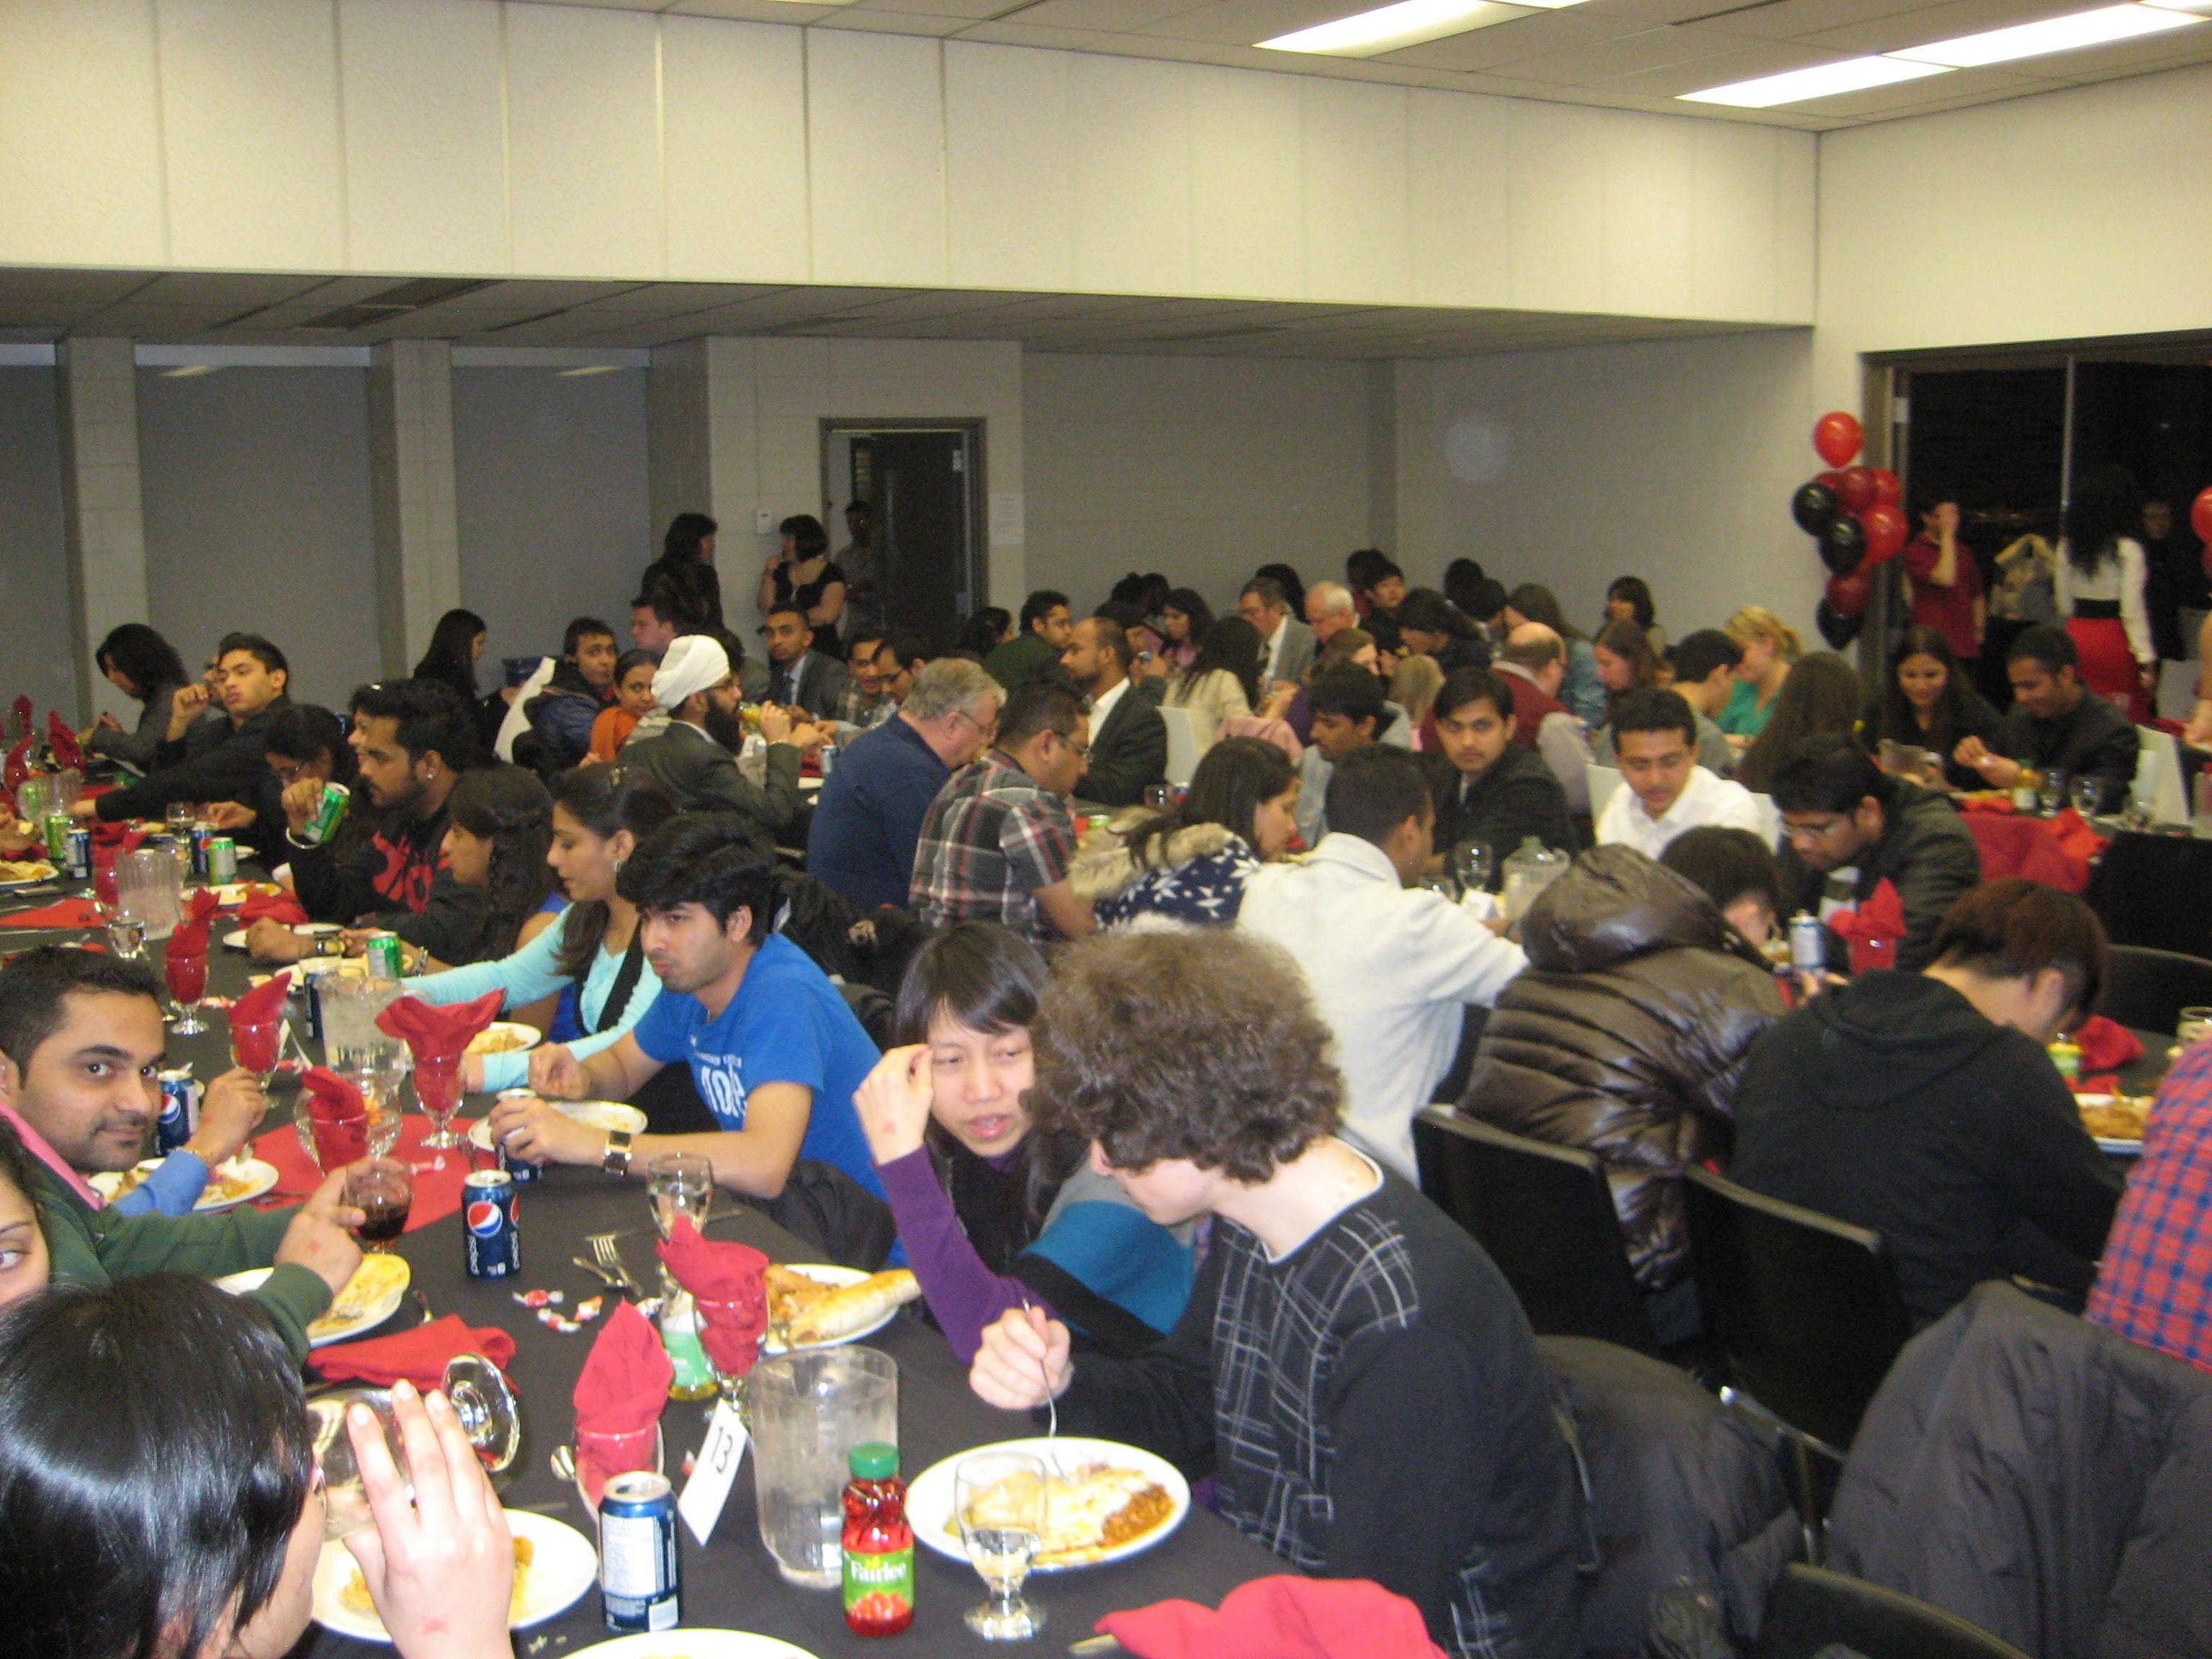 International student celebration april 2nd 2013